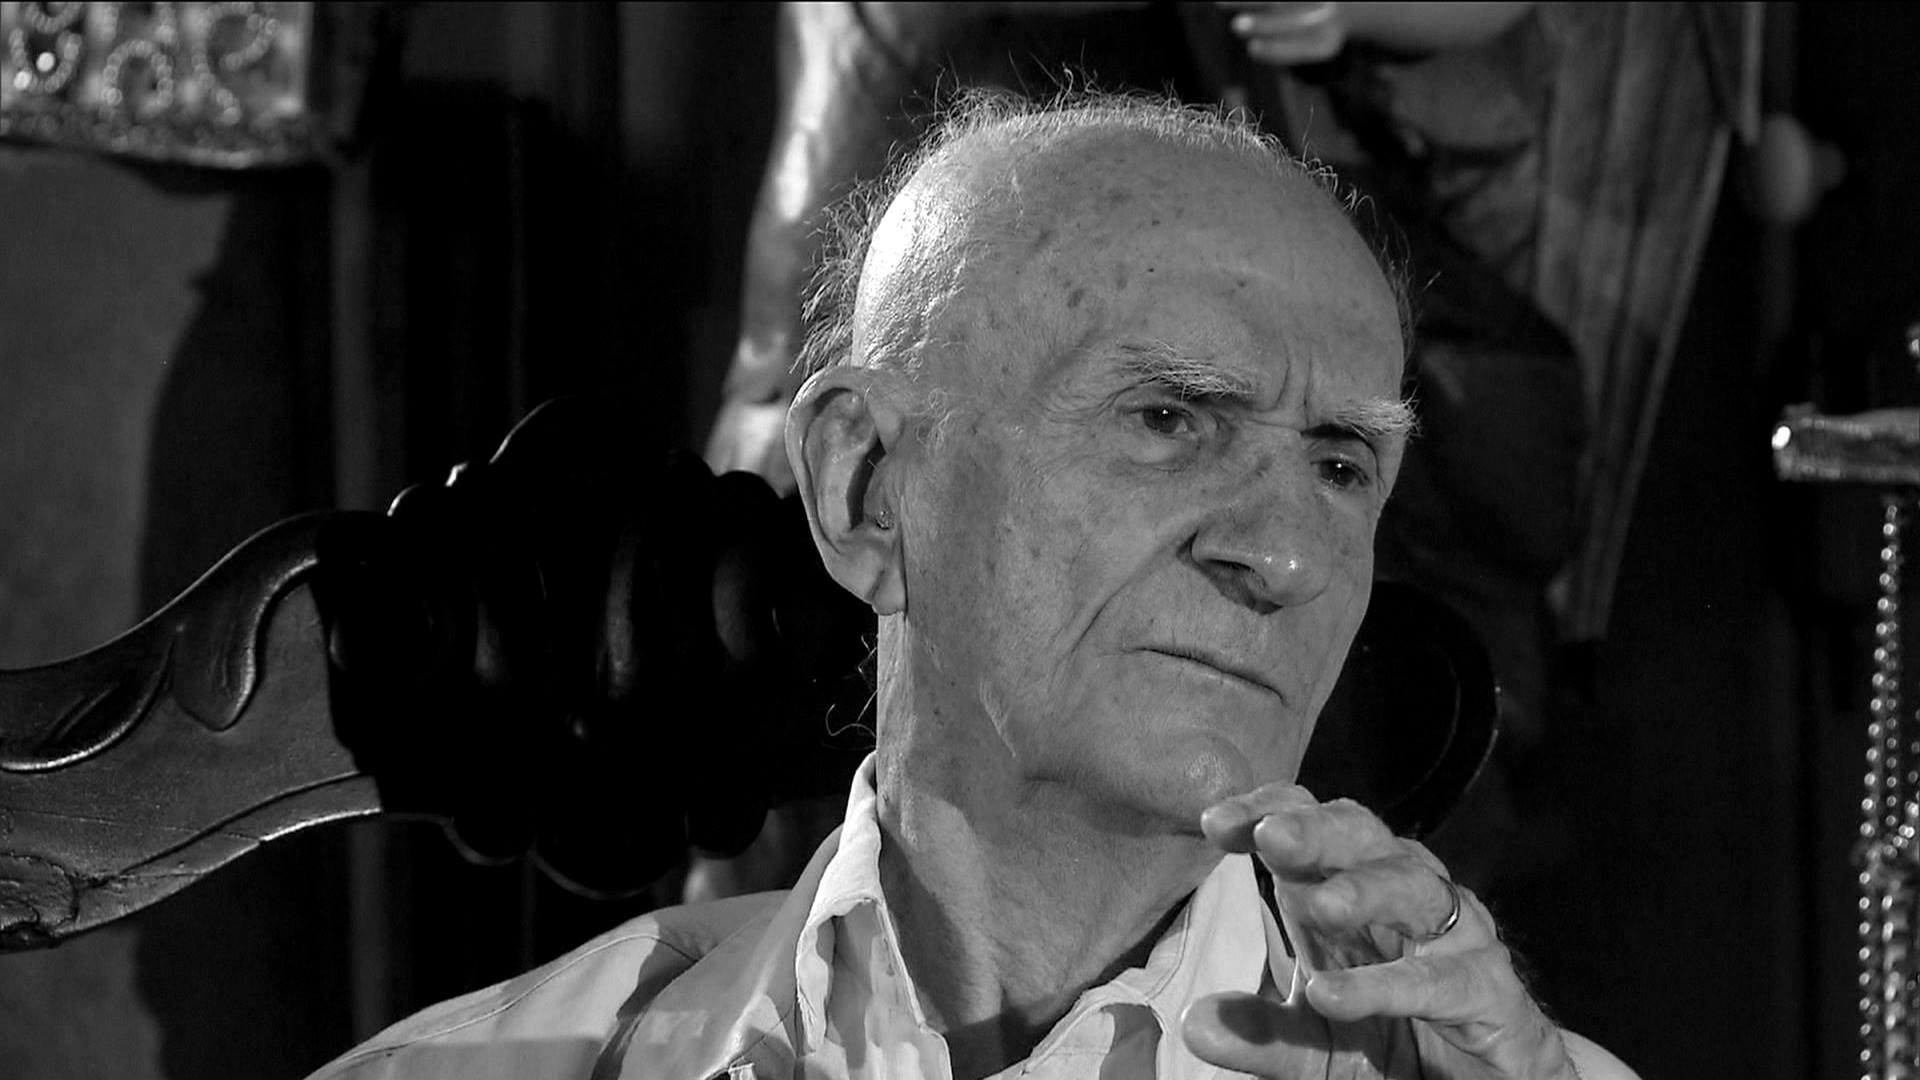 Morre o escritor Ariano Suassuna